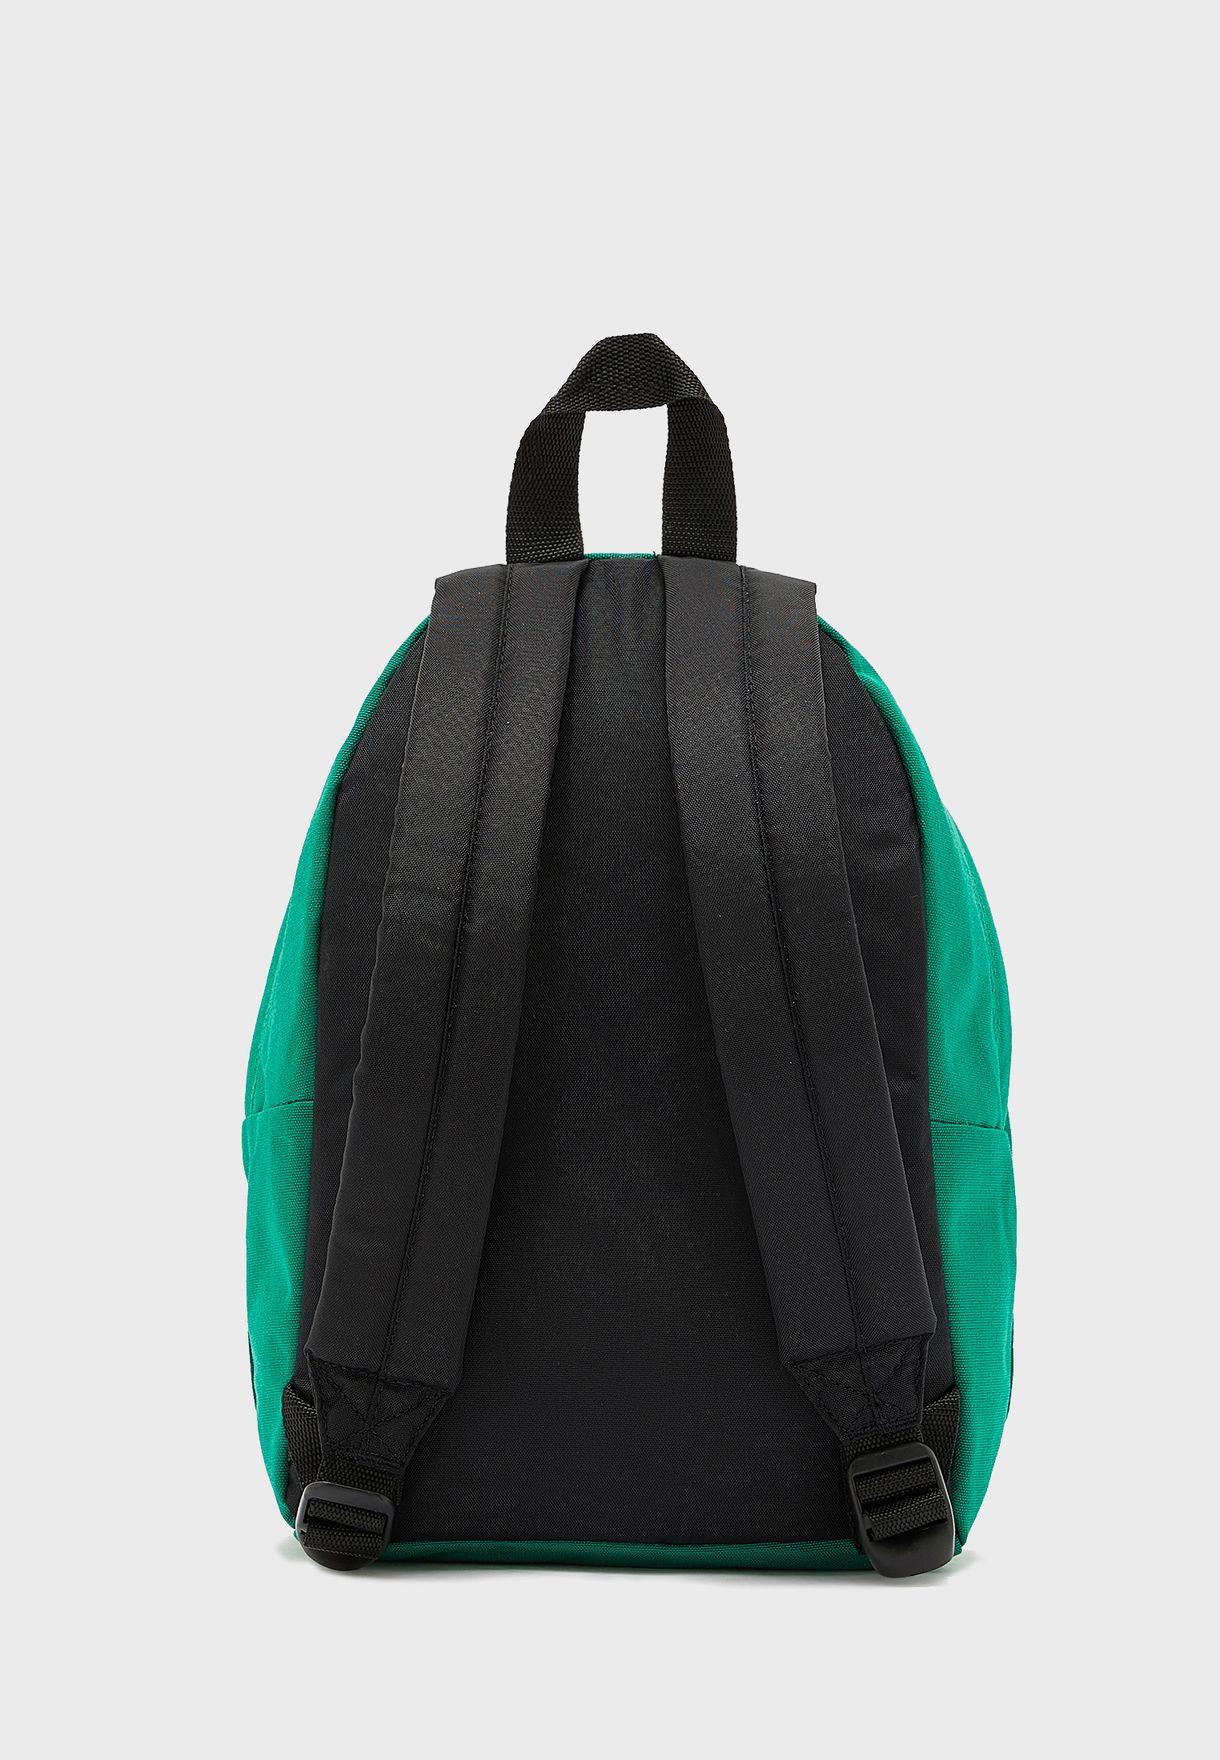 Orbit Promising Backpack